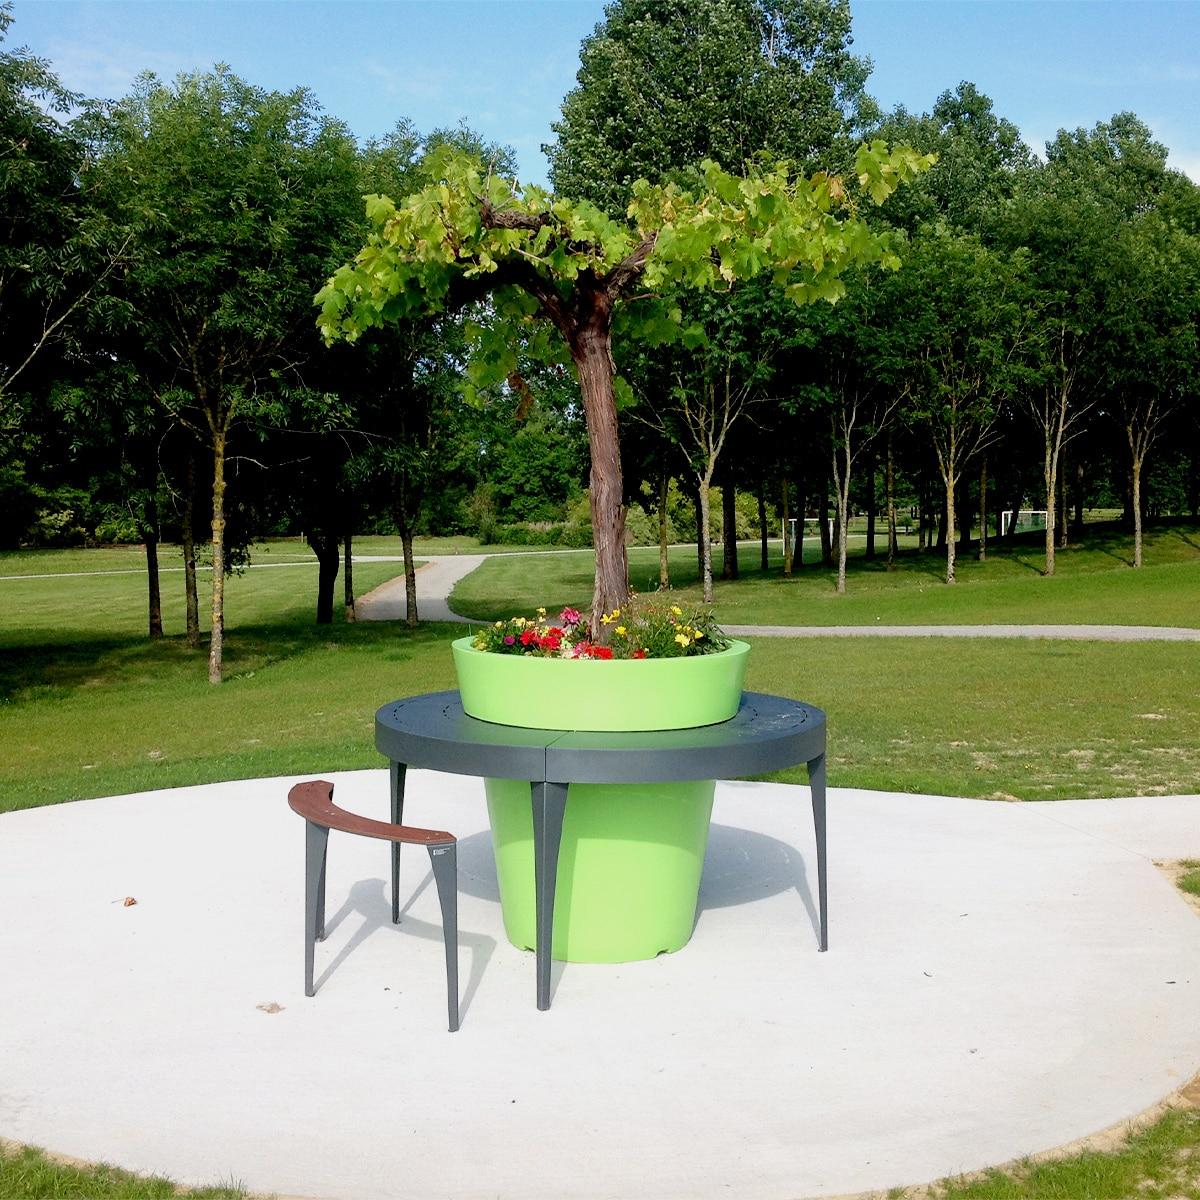 ATECH-urban-park-planning-a-linea-range